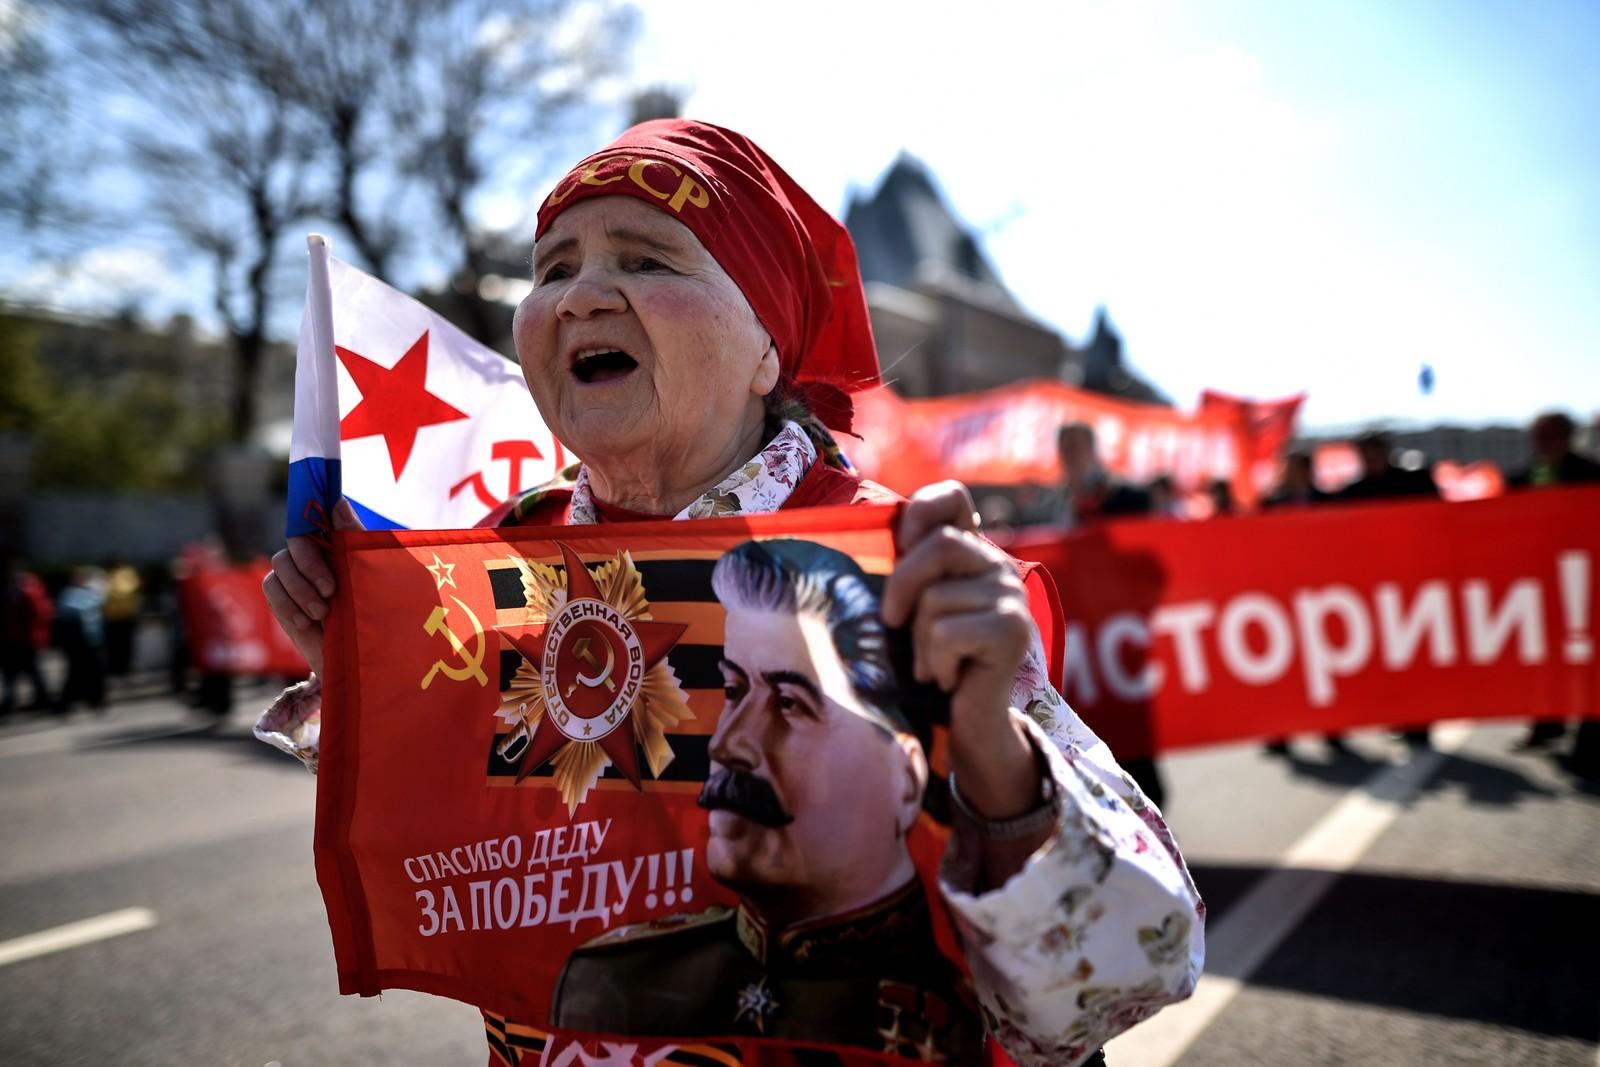 En kvinne, som er medlem av det russiske kommunistpartiet, bærer en banner med bilde av den avdøde sovjetiske lederen Joseph Stalin under en 1. mai-markering i Moskva søndag.